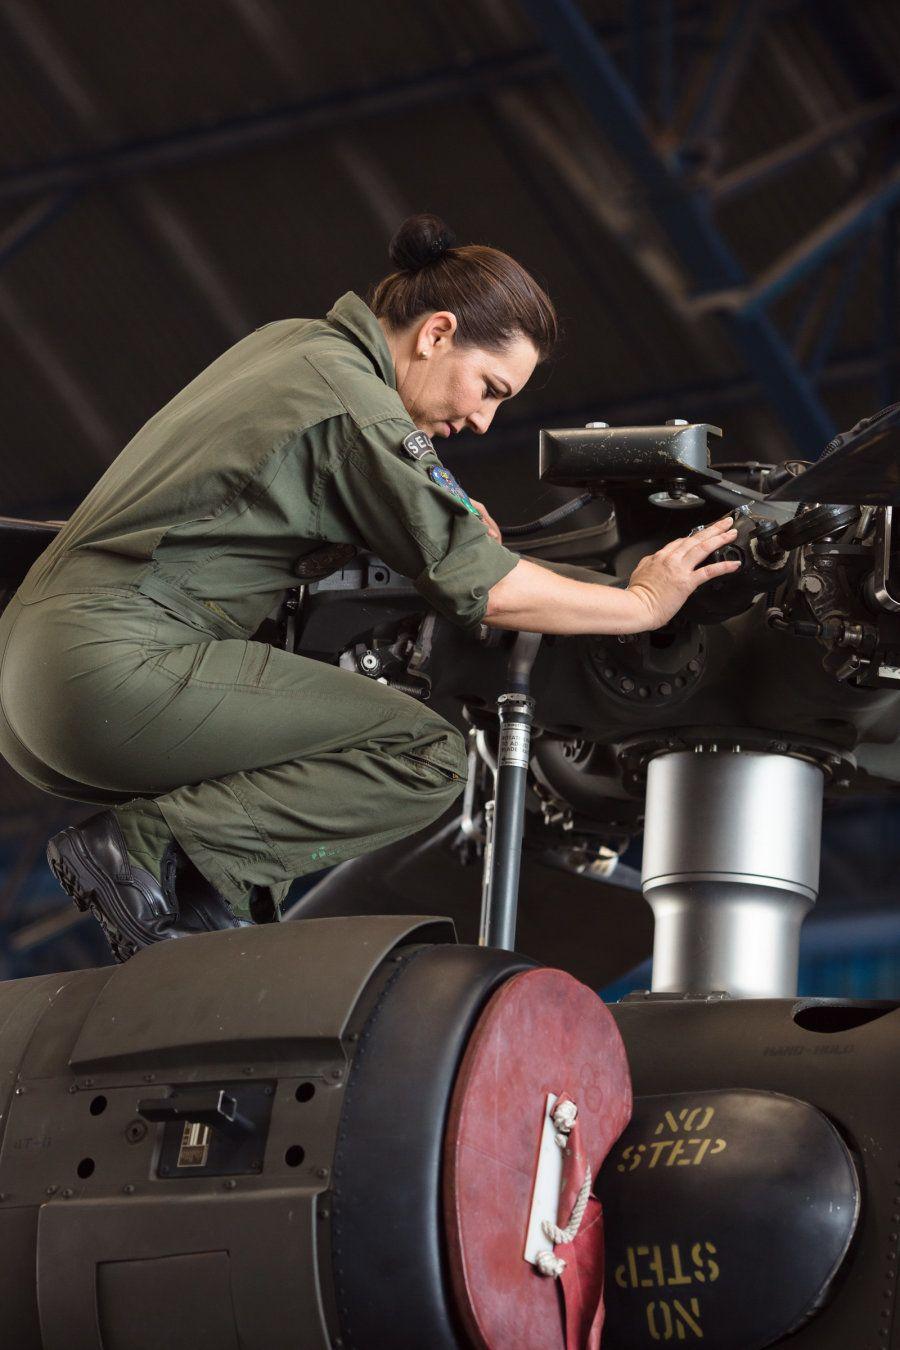 Ela é a única mulher até o momento a ingressar como mecânica de aviação nas forças armadas na região